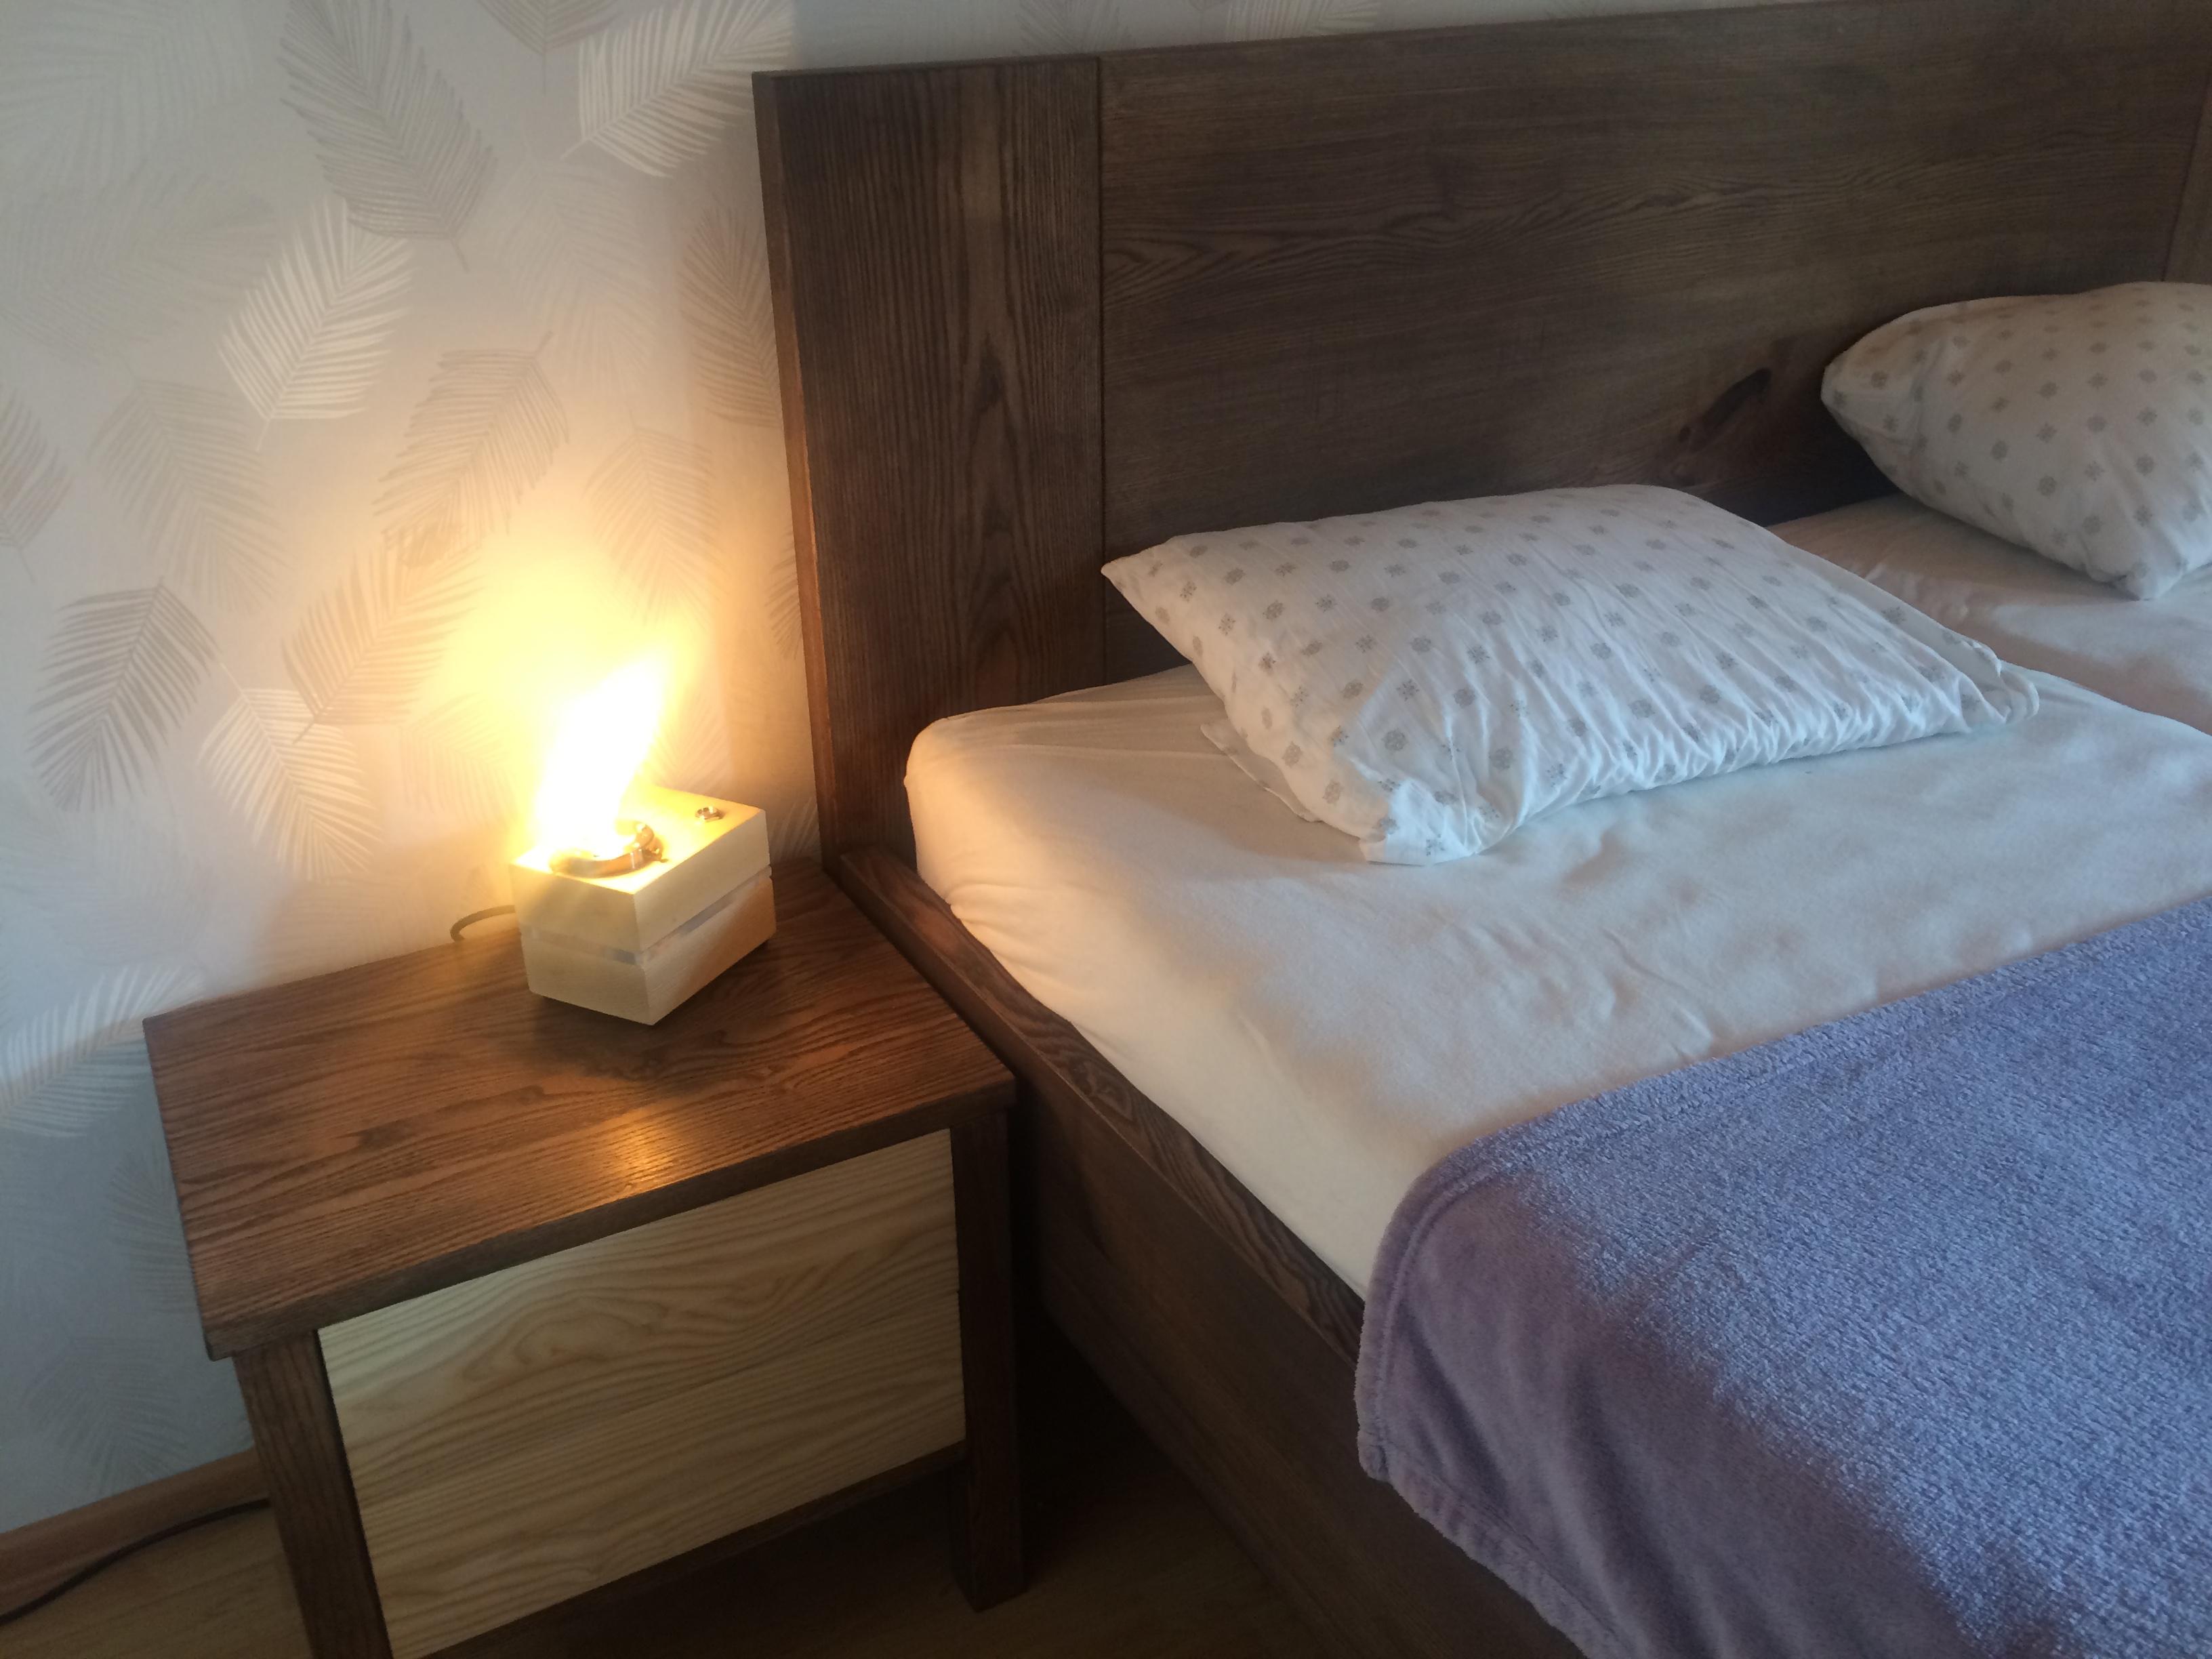 Jasanová postel s nočními stolky